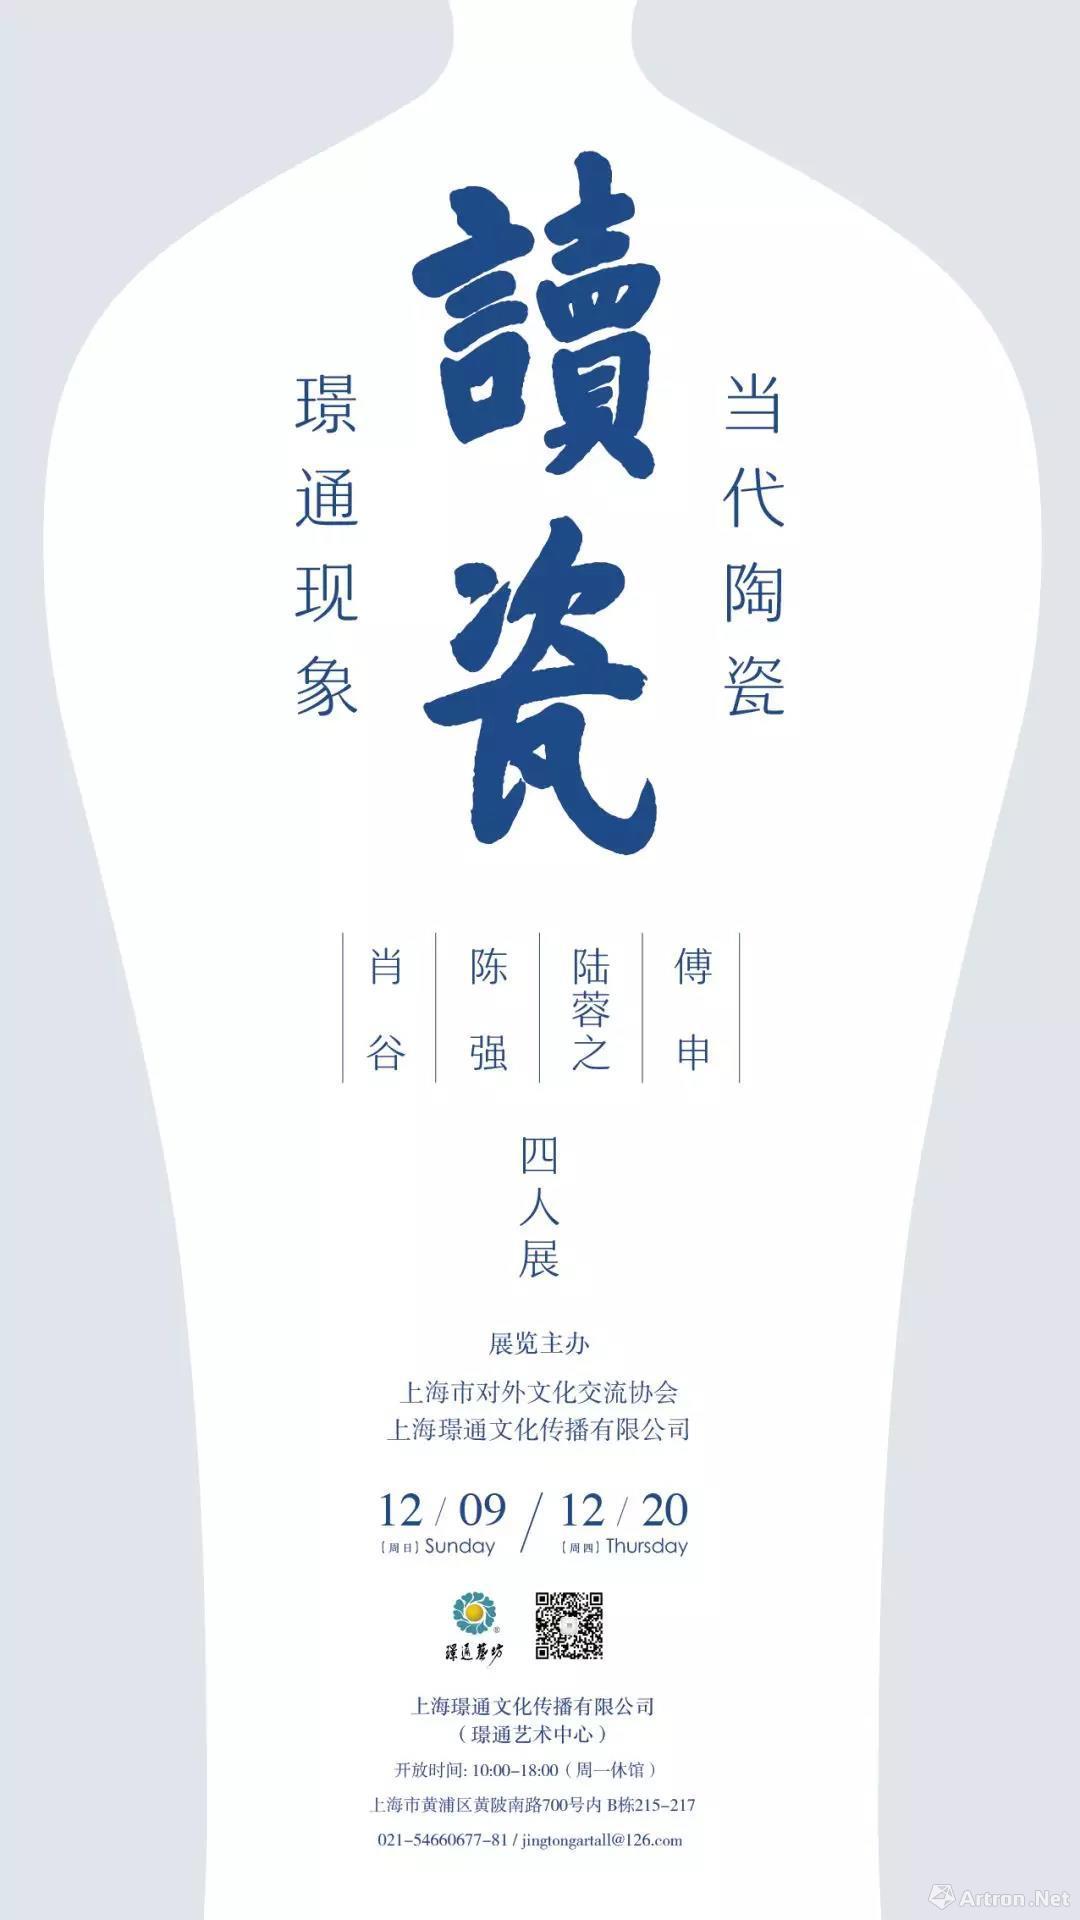 """""""读瓷.当代陶瓷艺术""""傅申 陆蓉之 陈强 肖谷四人展"""